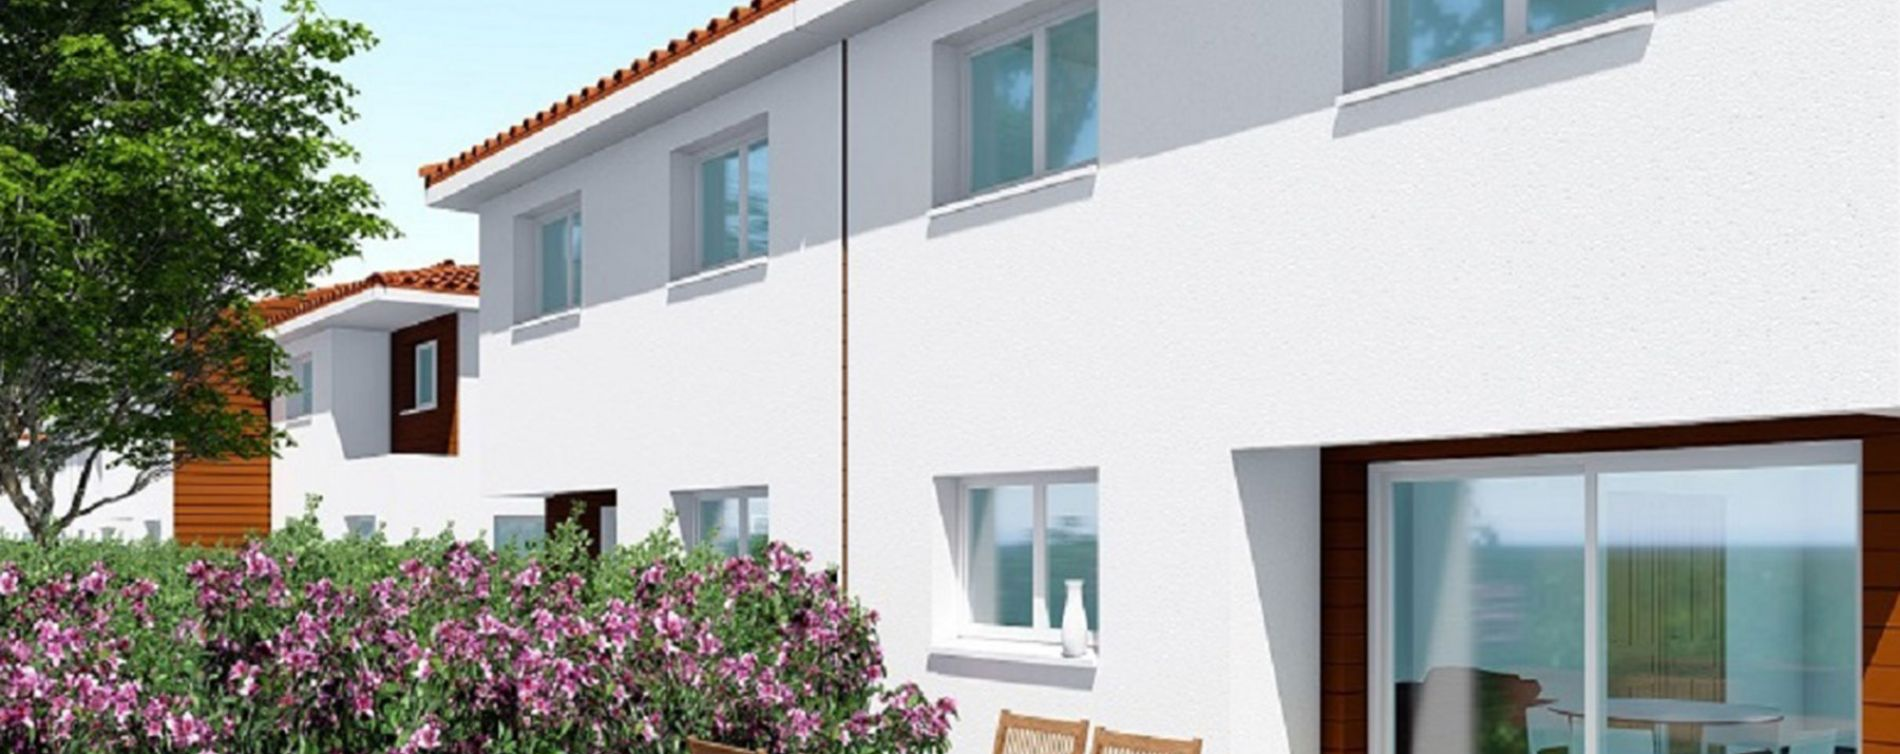 Saint-Jory : programme immobilier neuve « Les Jardins d'Emilie » (3)